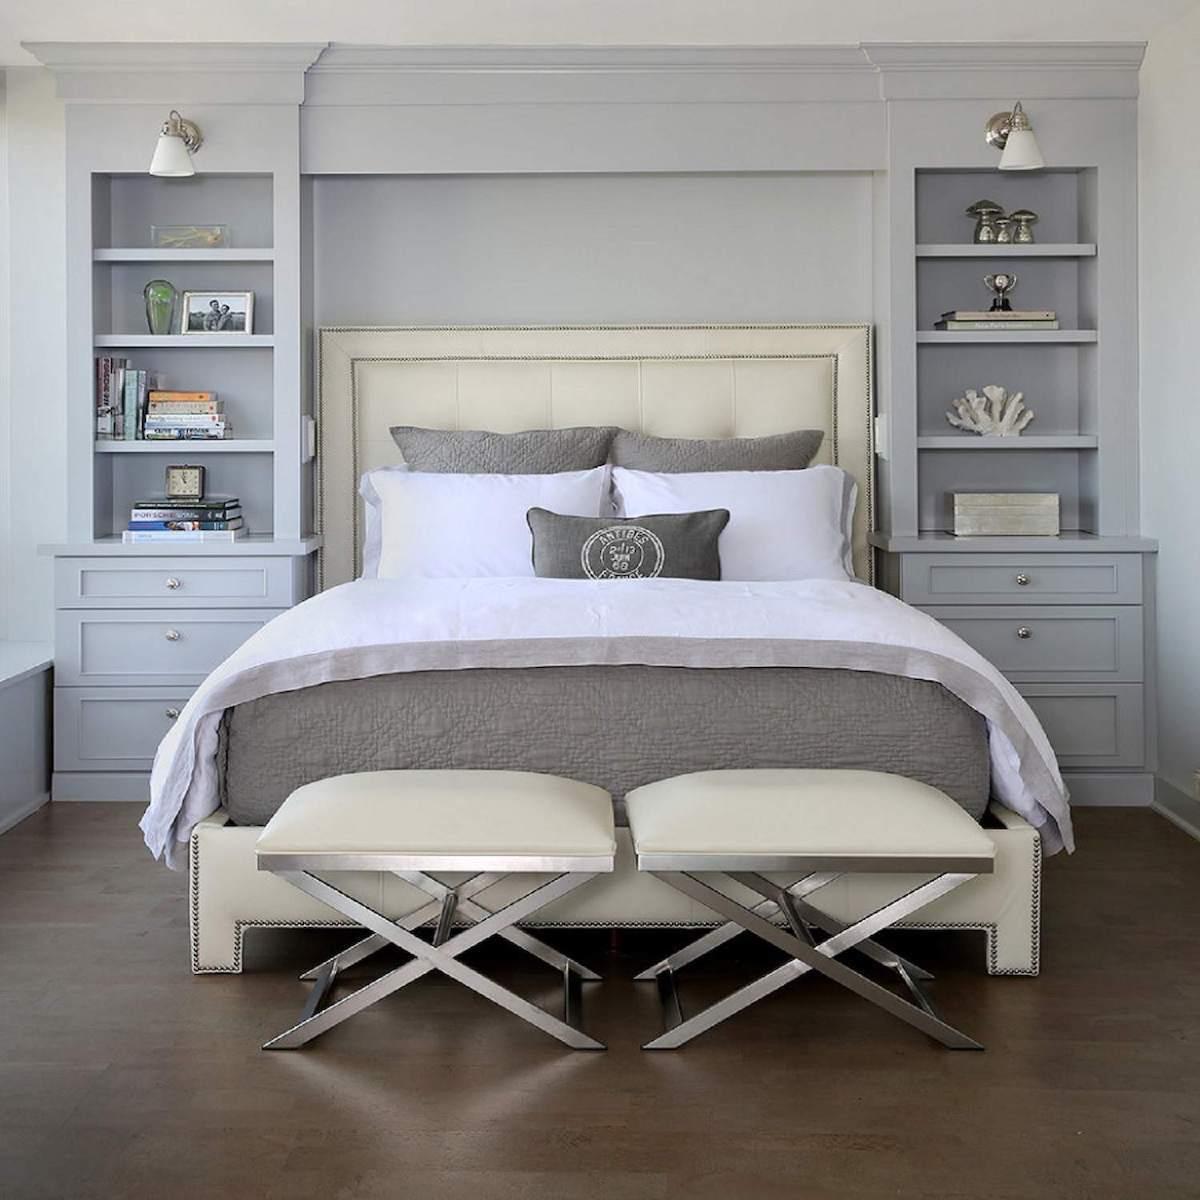 camera-letto-alla-francese-20